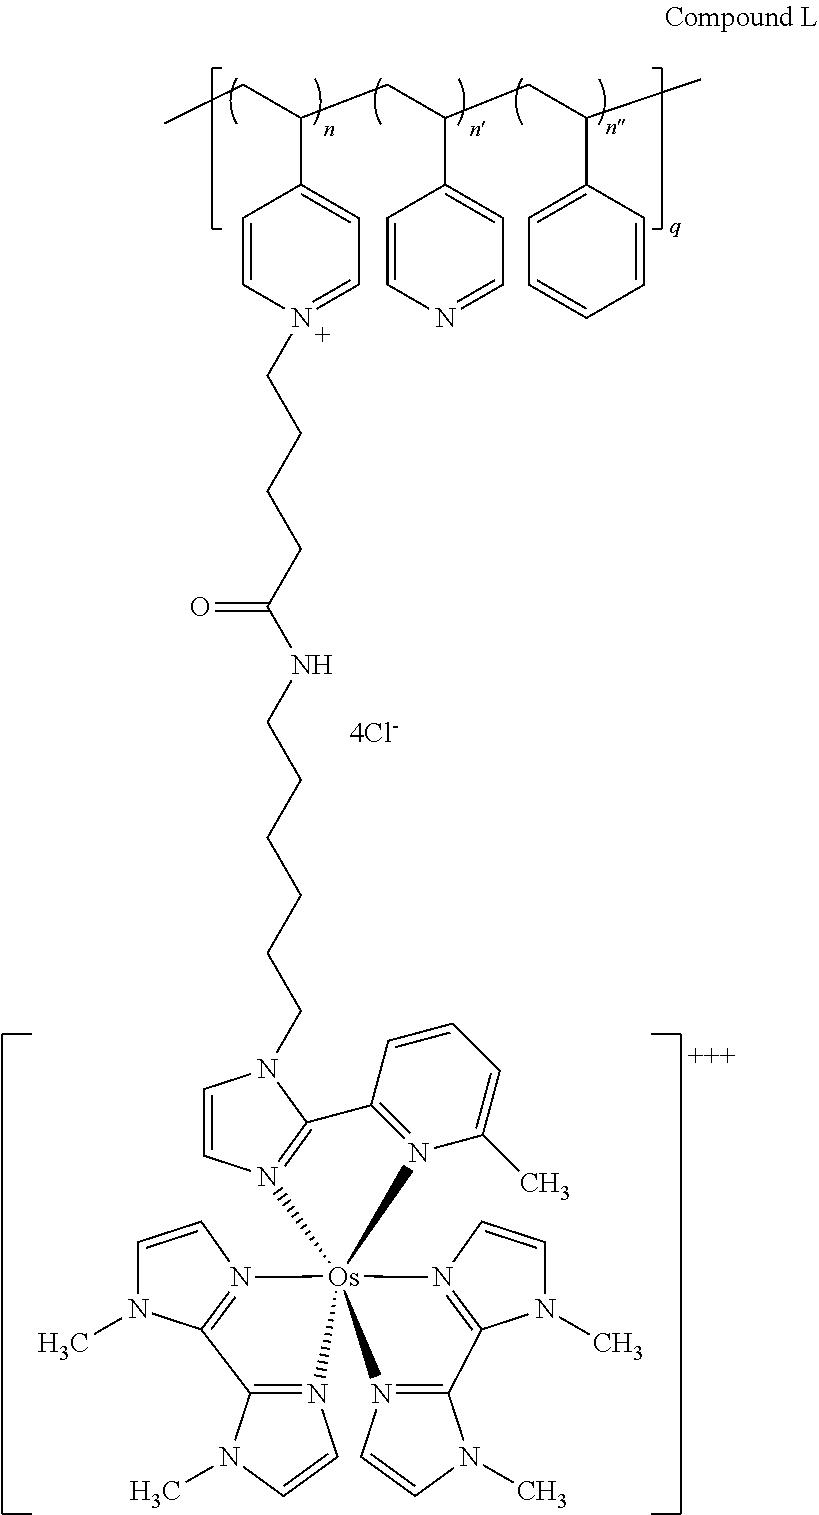 Figure US08165651-20120424-C00001